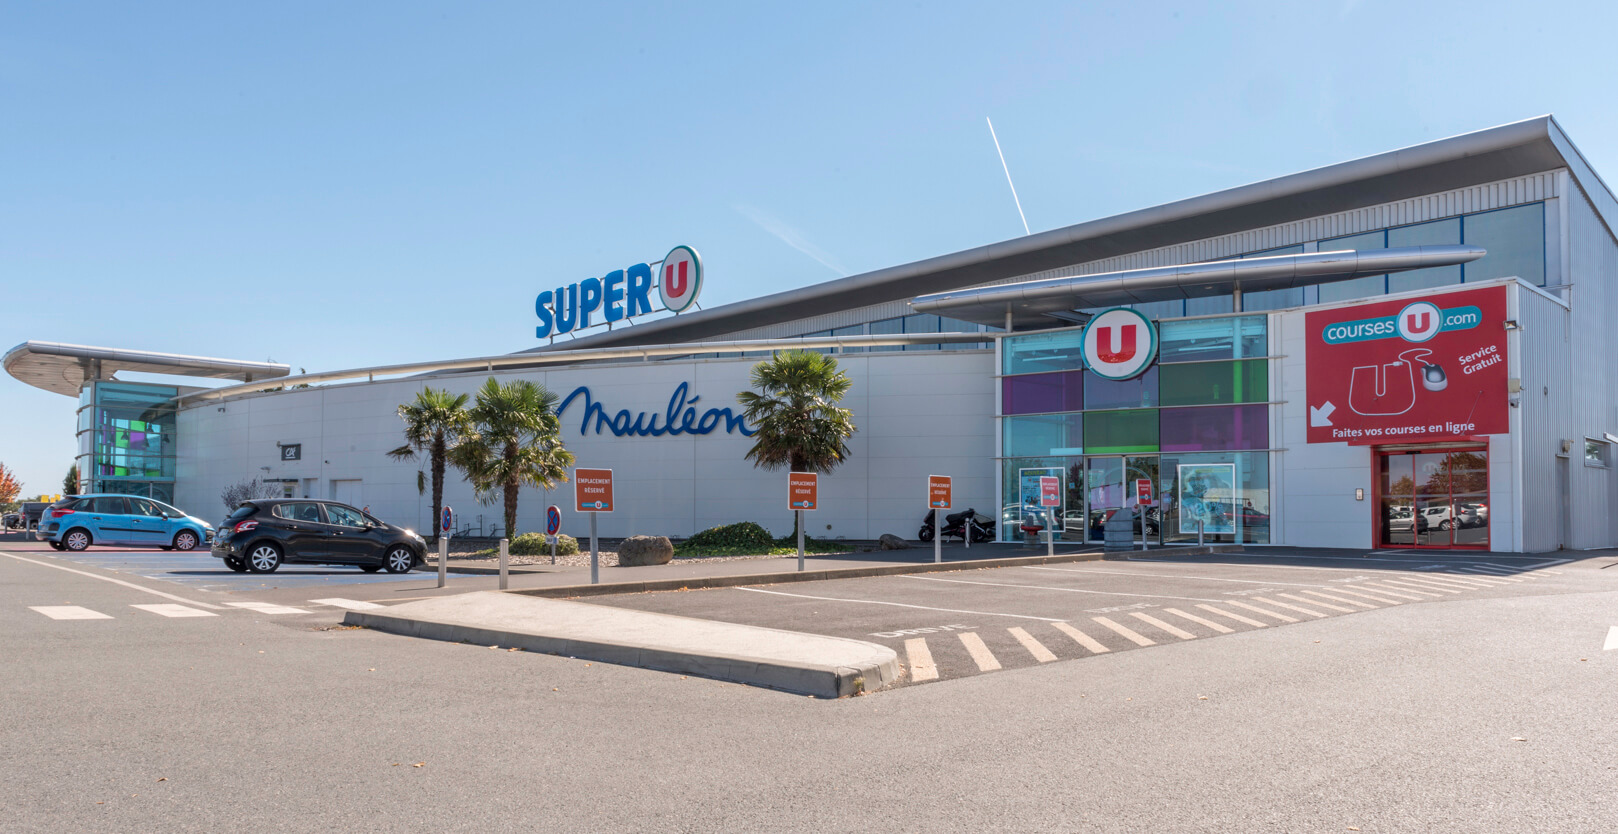 Drive MAULÉON - Livraison courses à domicile Super U Mauleon